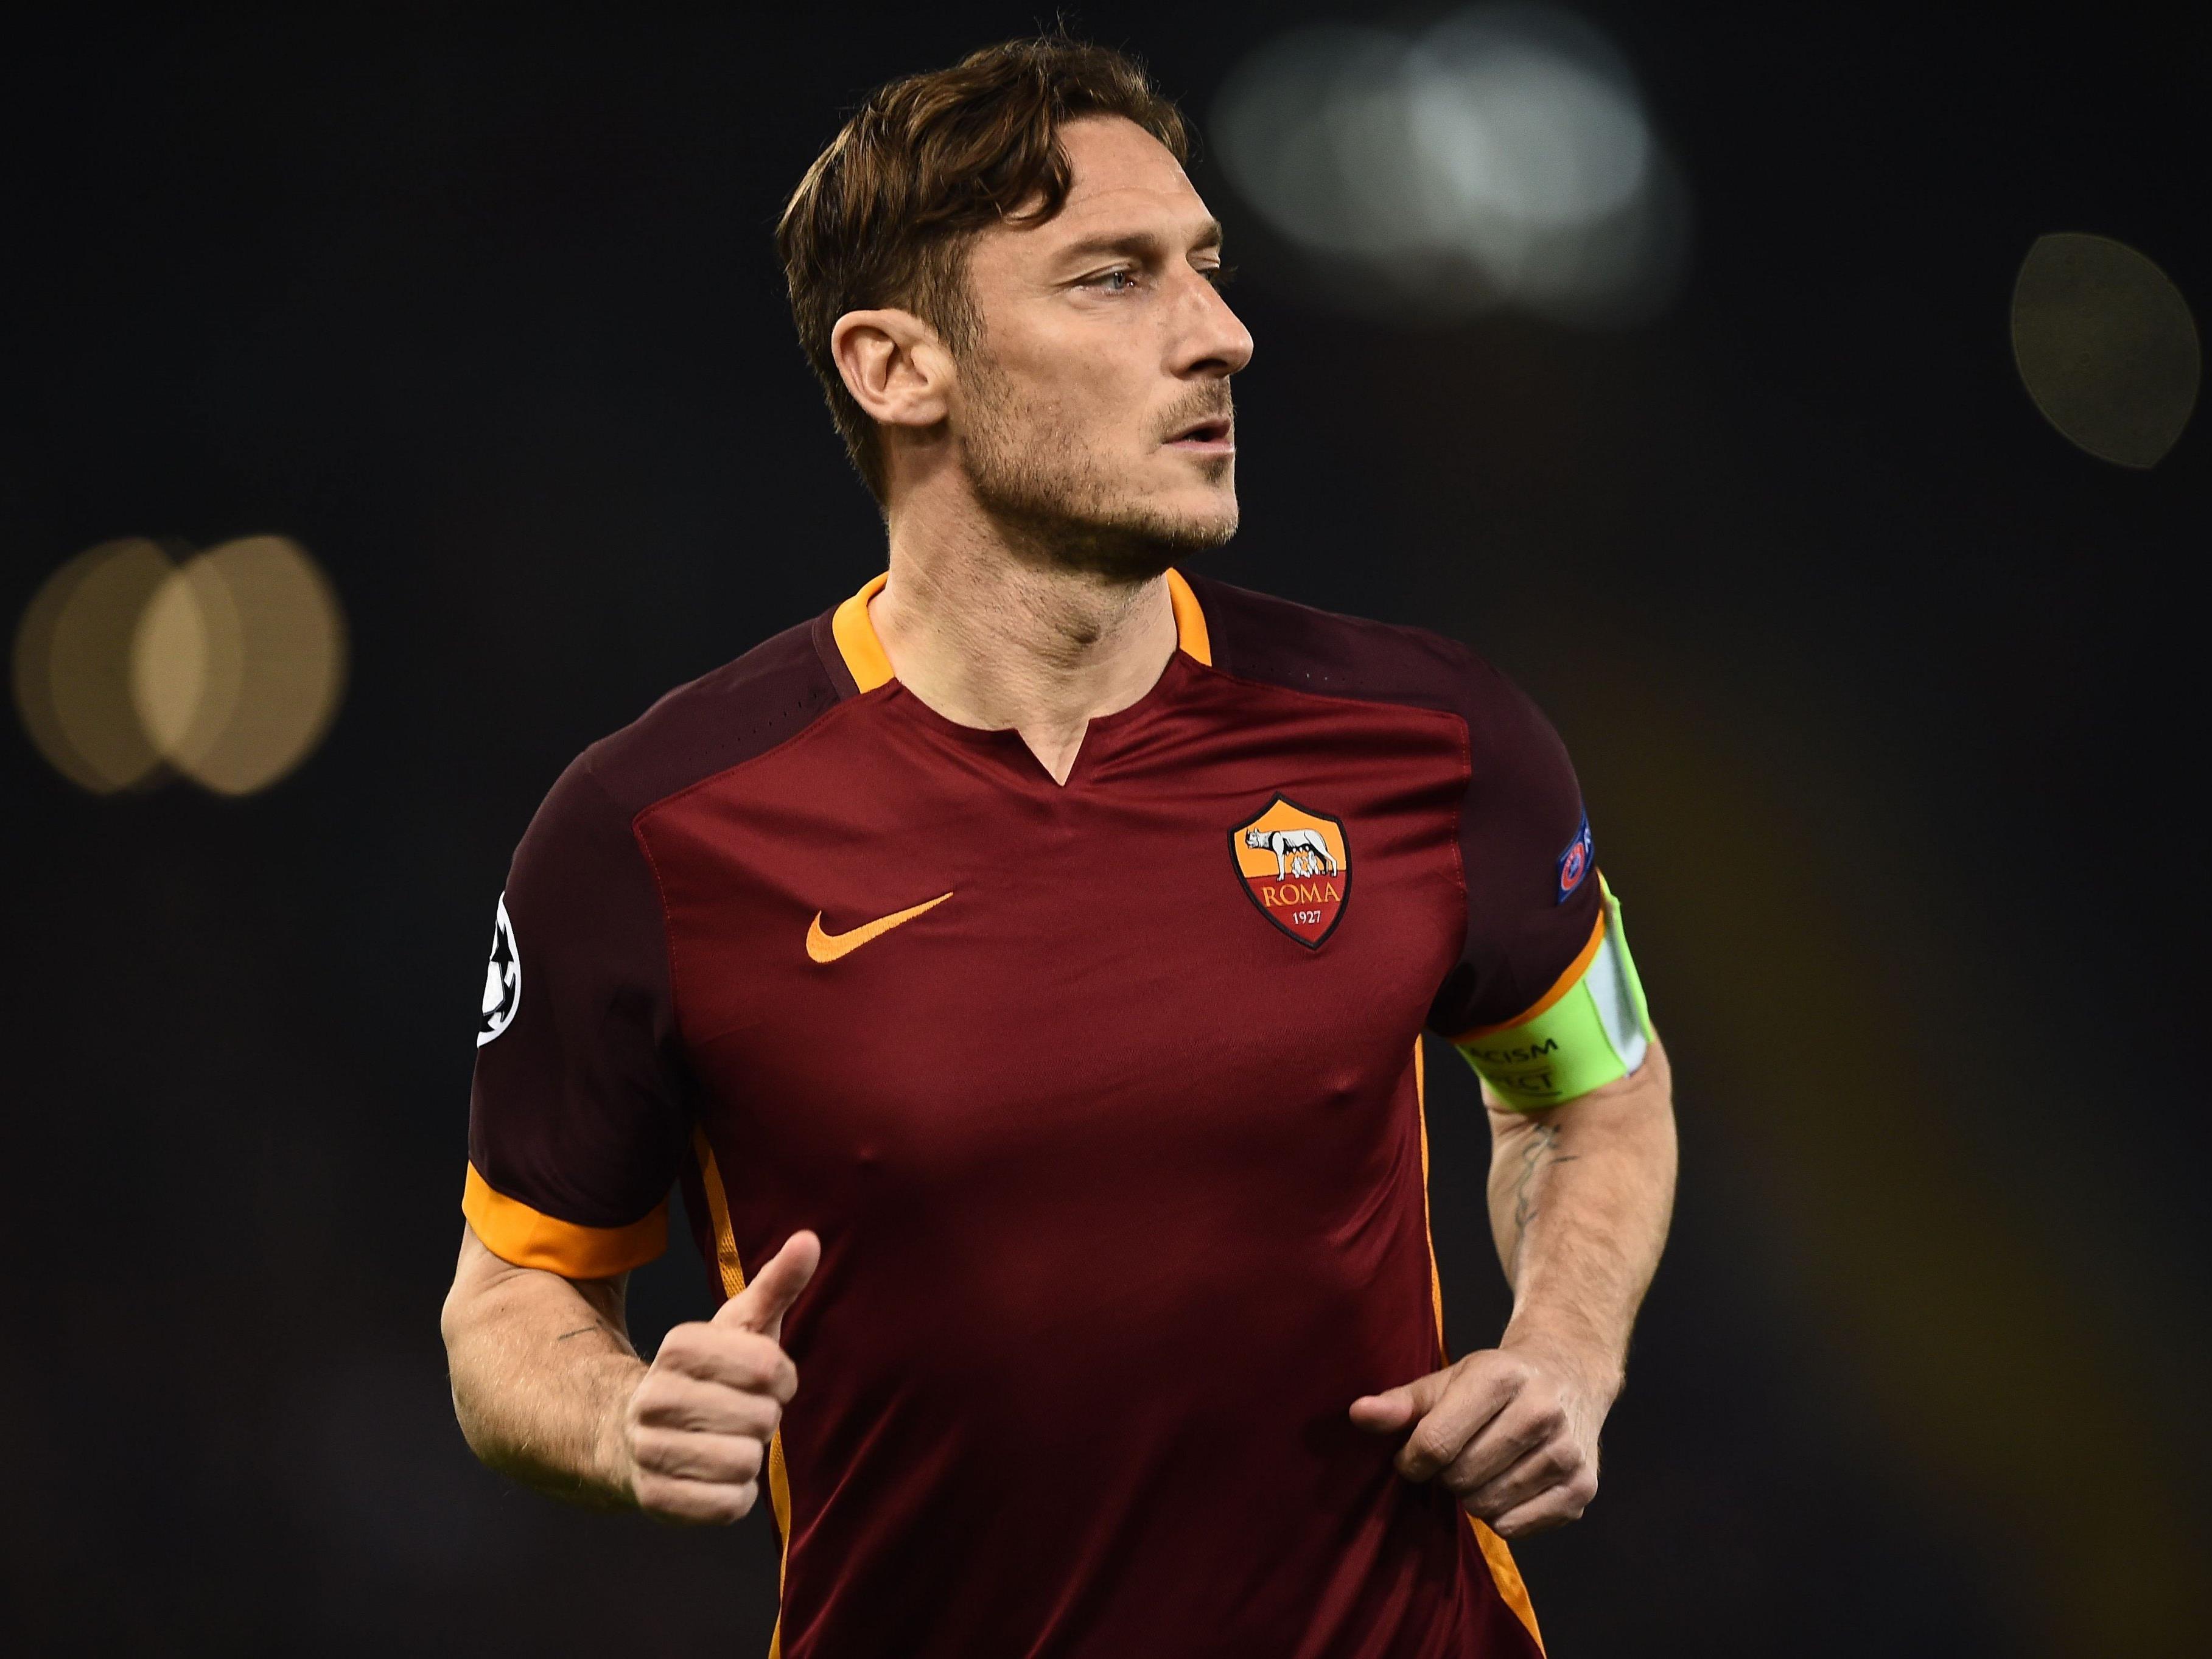 Francesco Totti, die noch aktive Legende der AS Roma.